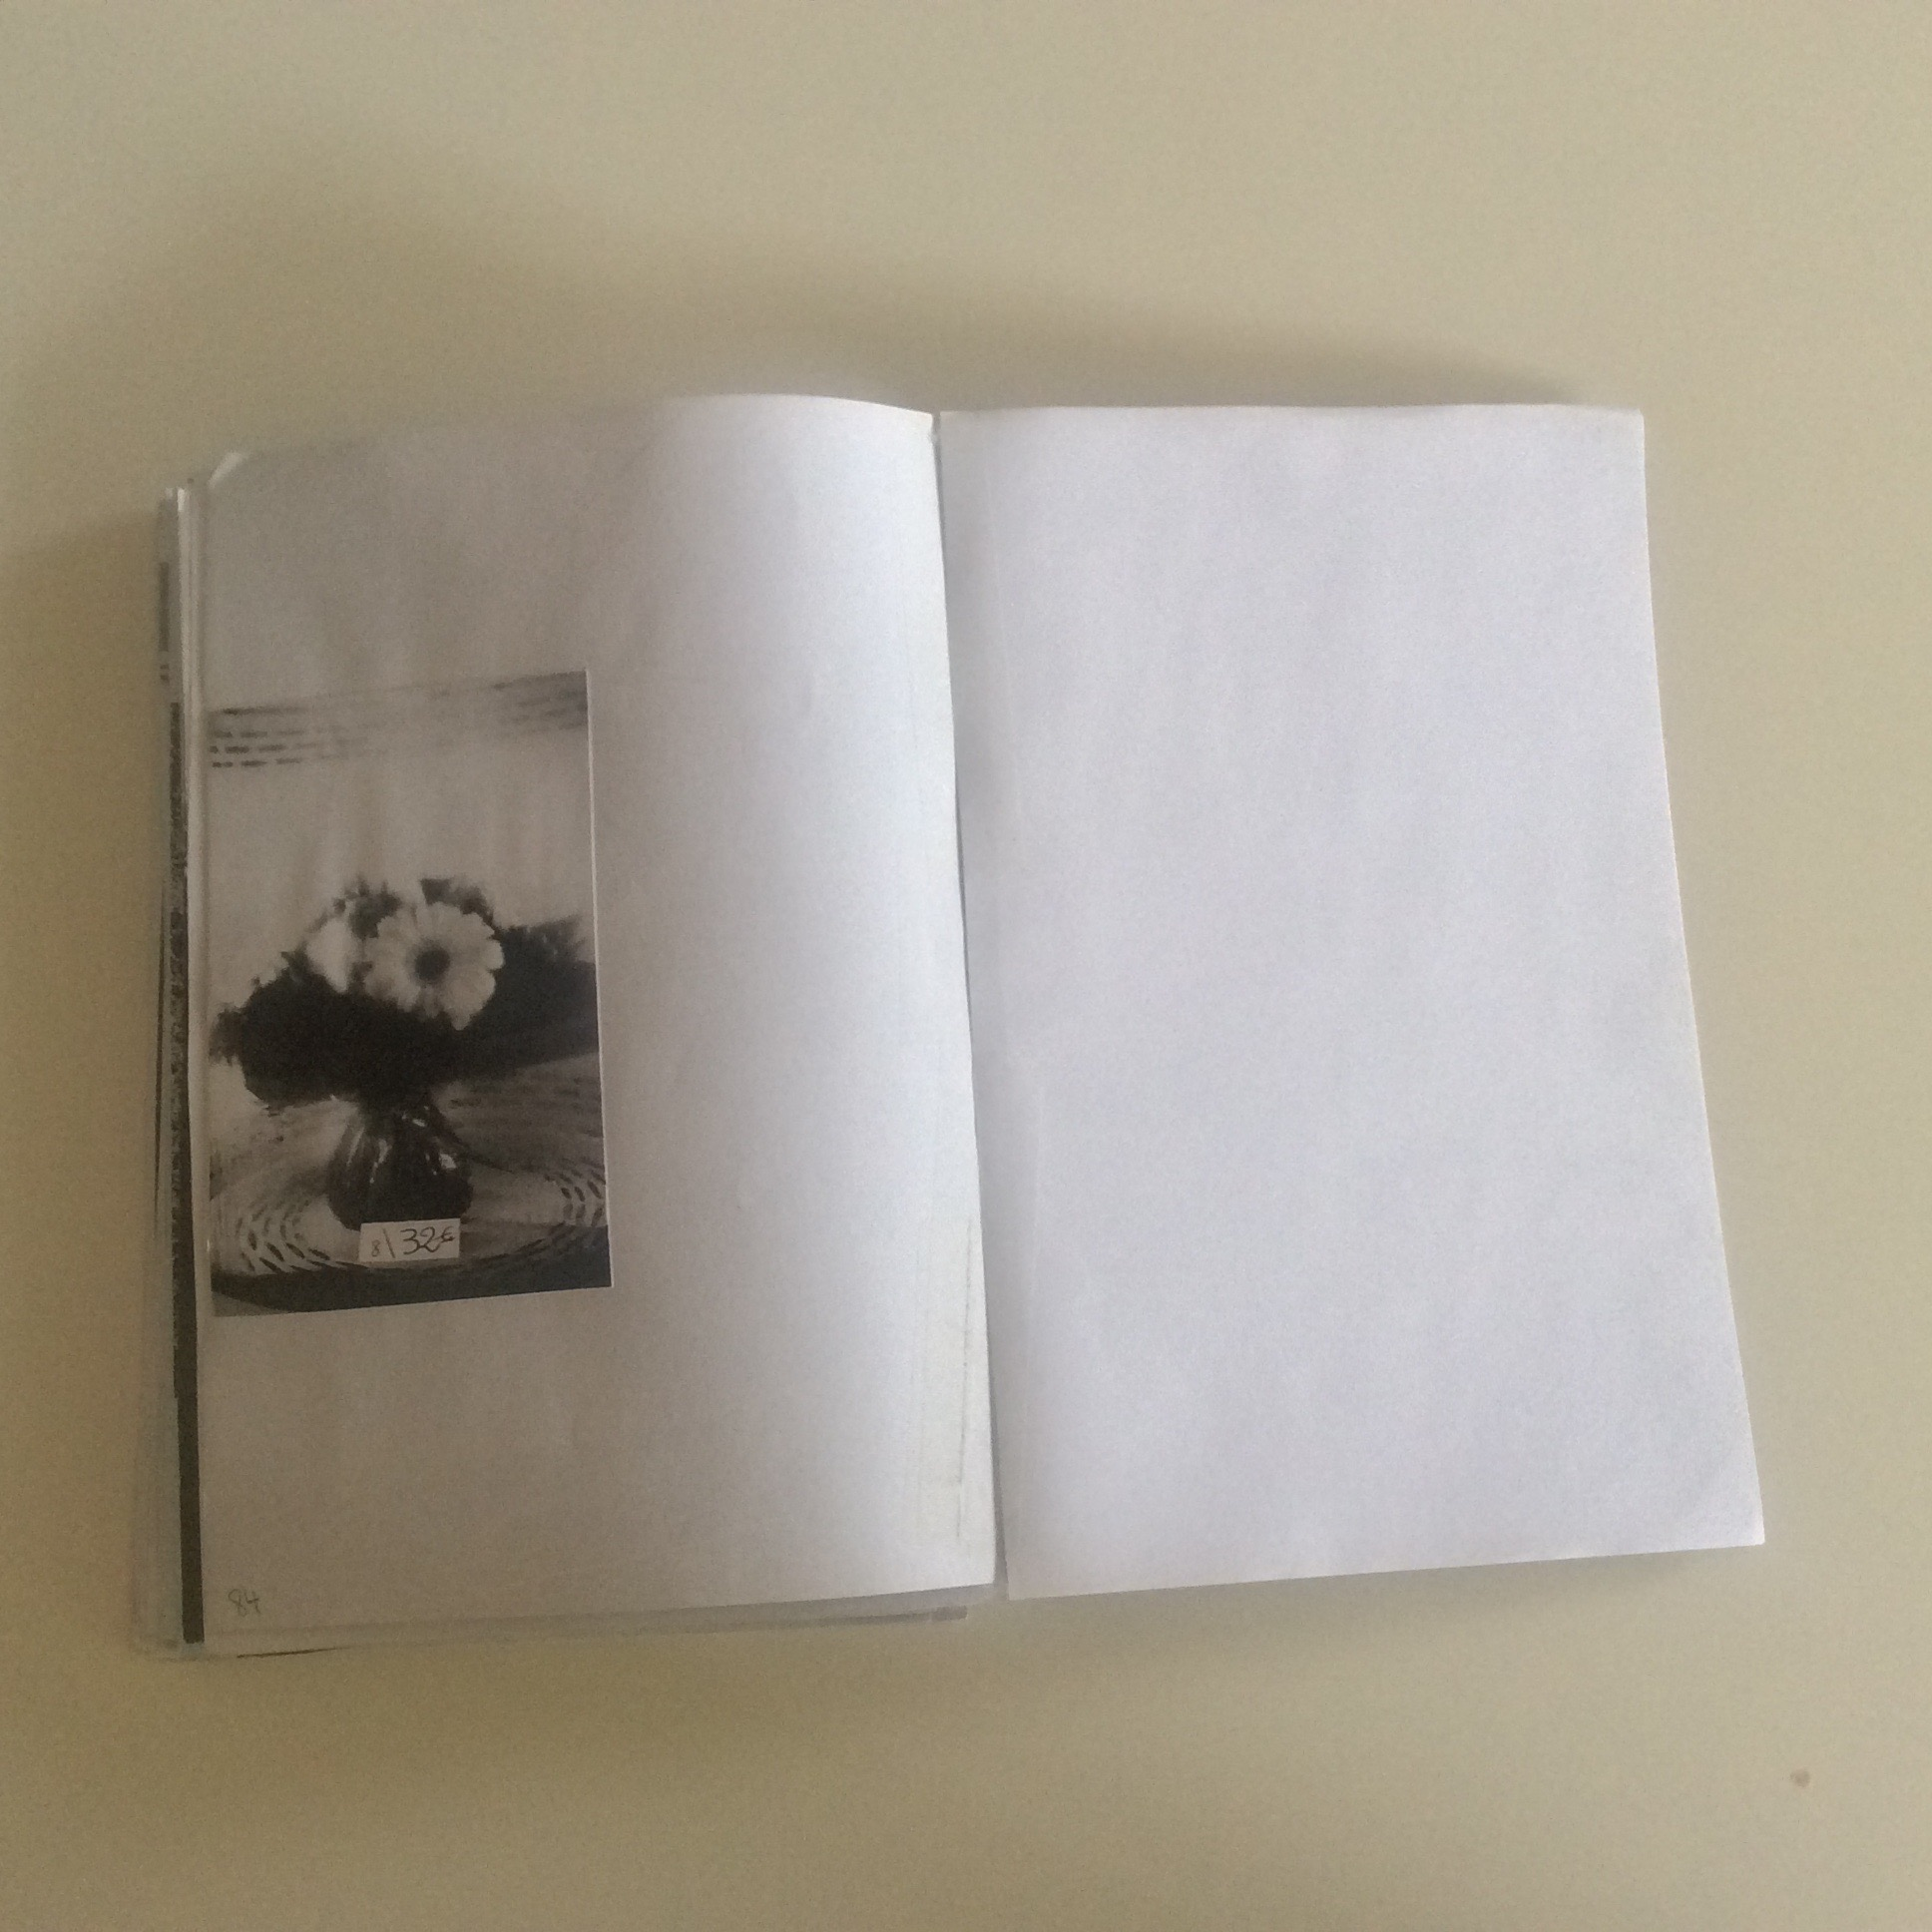 Photographies Sabrina Karp-dessin du livre Claire Jolin-les editions orange claireIMG_1495